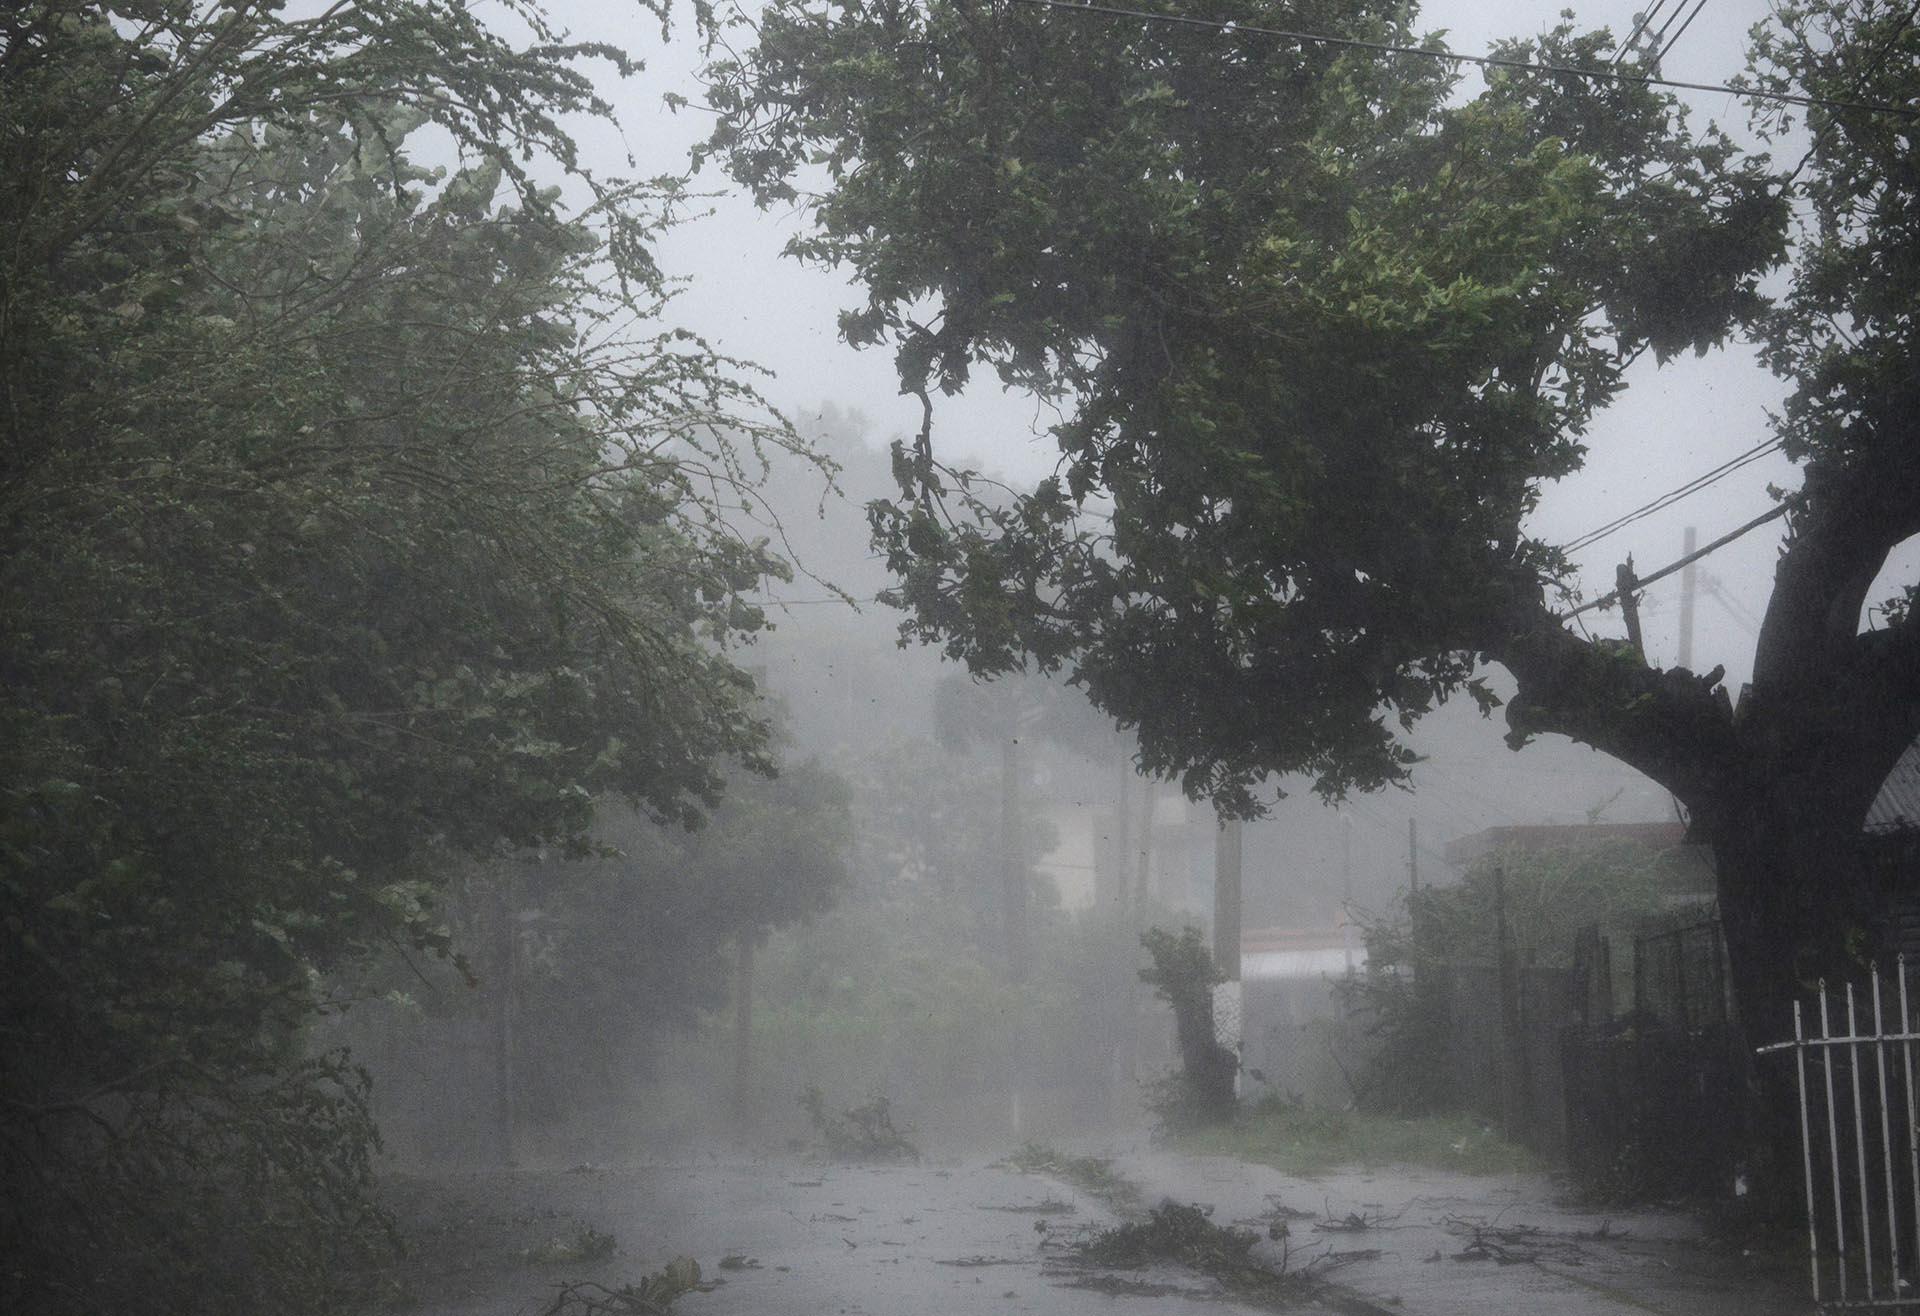 Viento y lluvia golpean las calles del barrio de Matelnillo en Fajardo, Puerto Rico (AP Photo/Carlos Giusti)